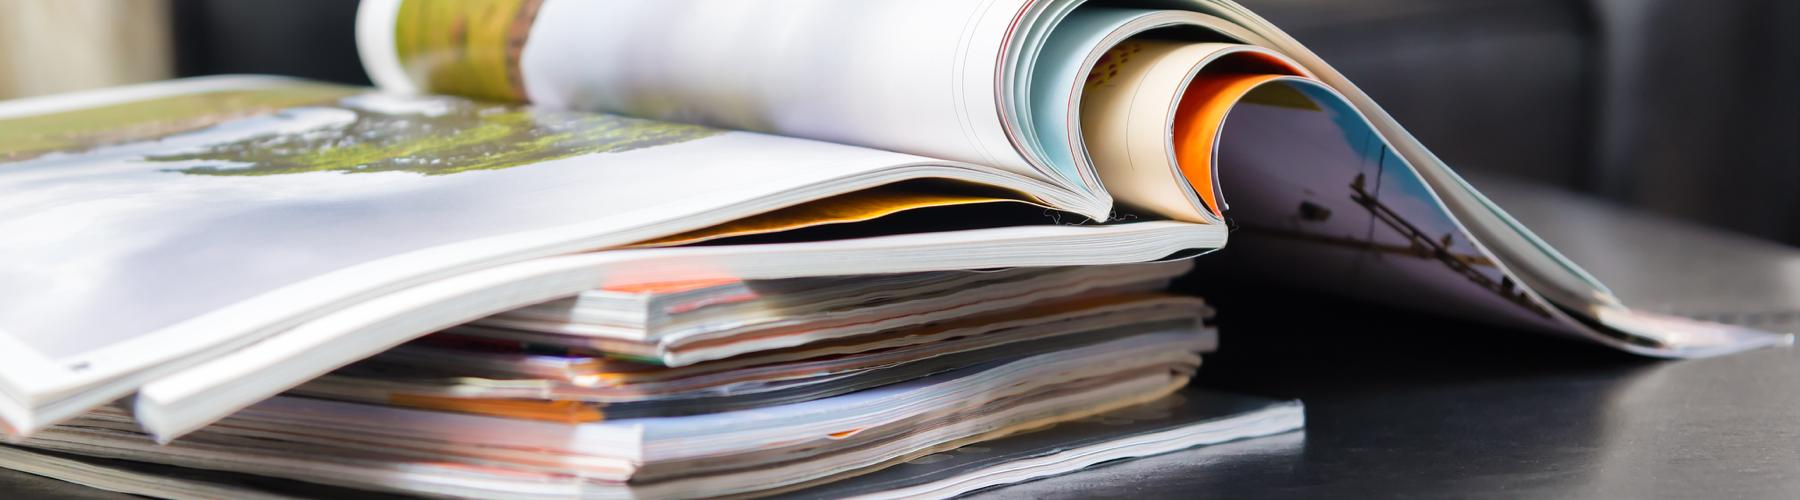 Les reliures pour votre brochure : Explication